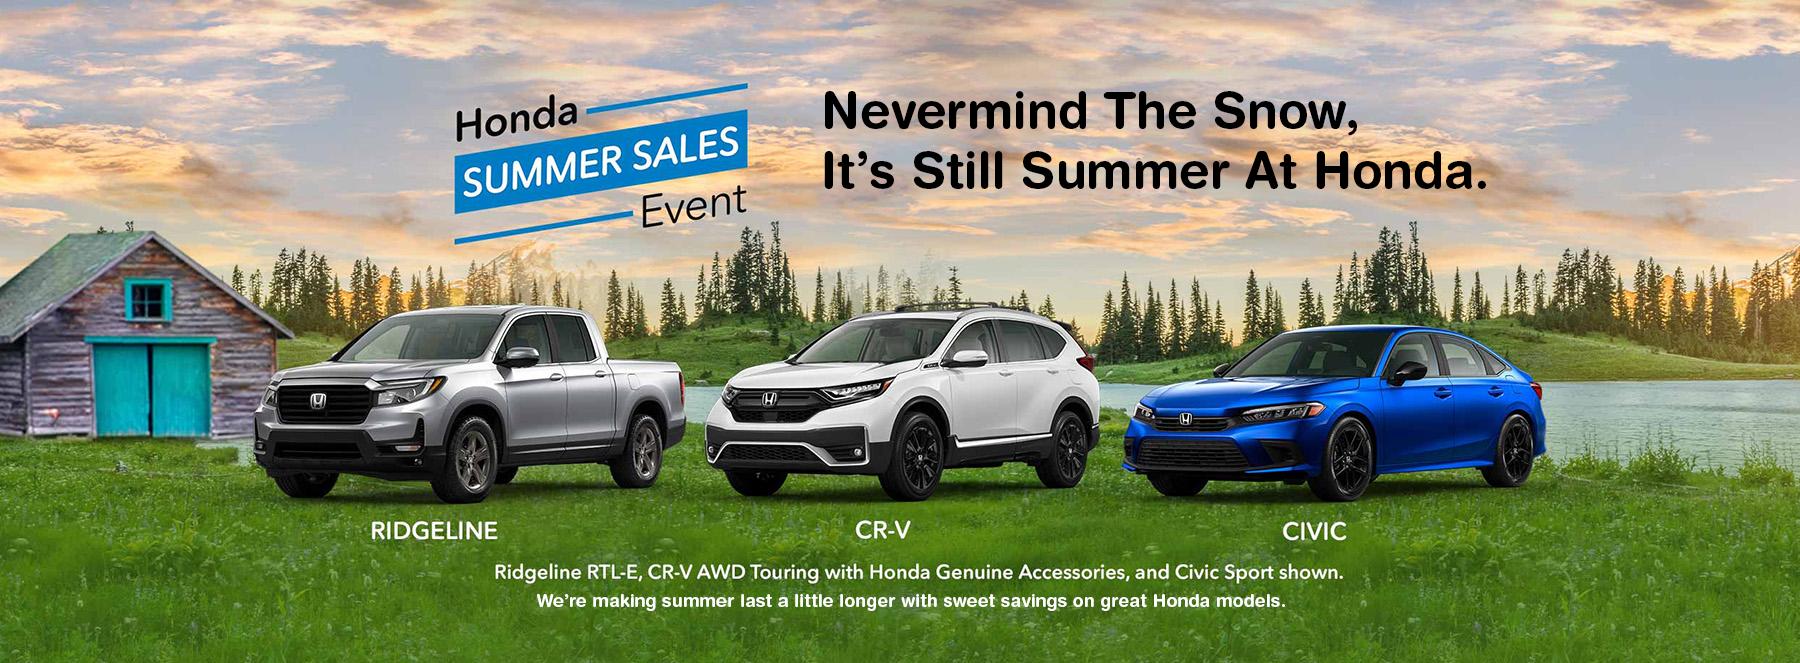 DI_Honda Summer Sales Event-1800×663